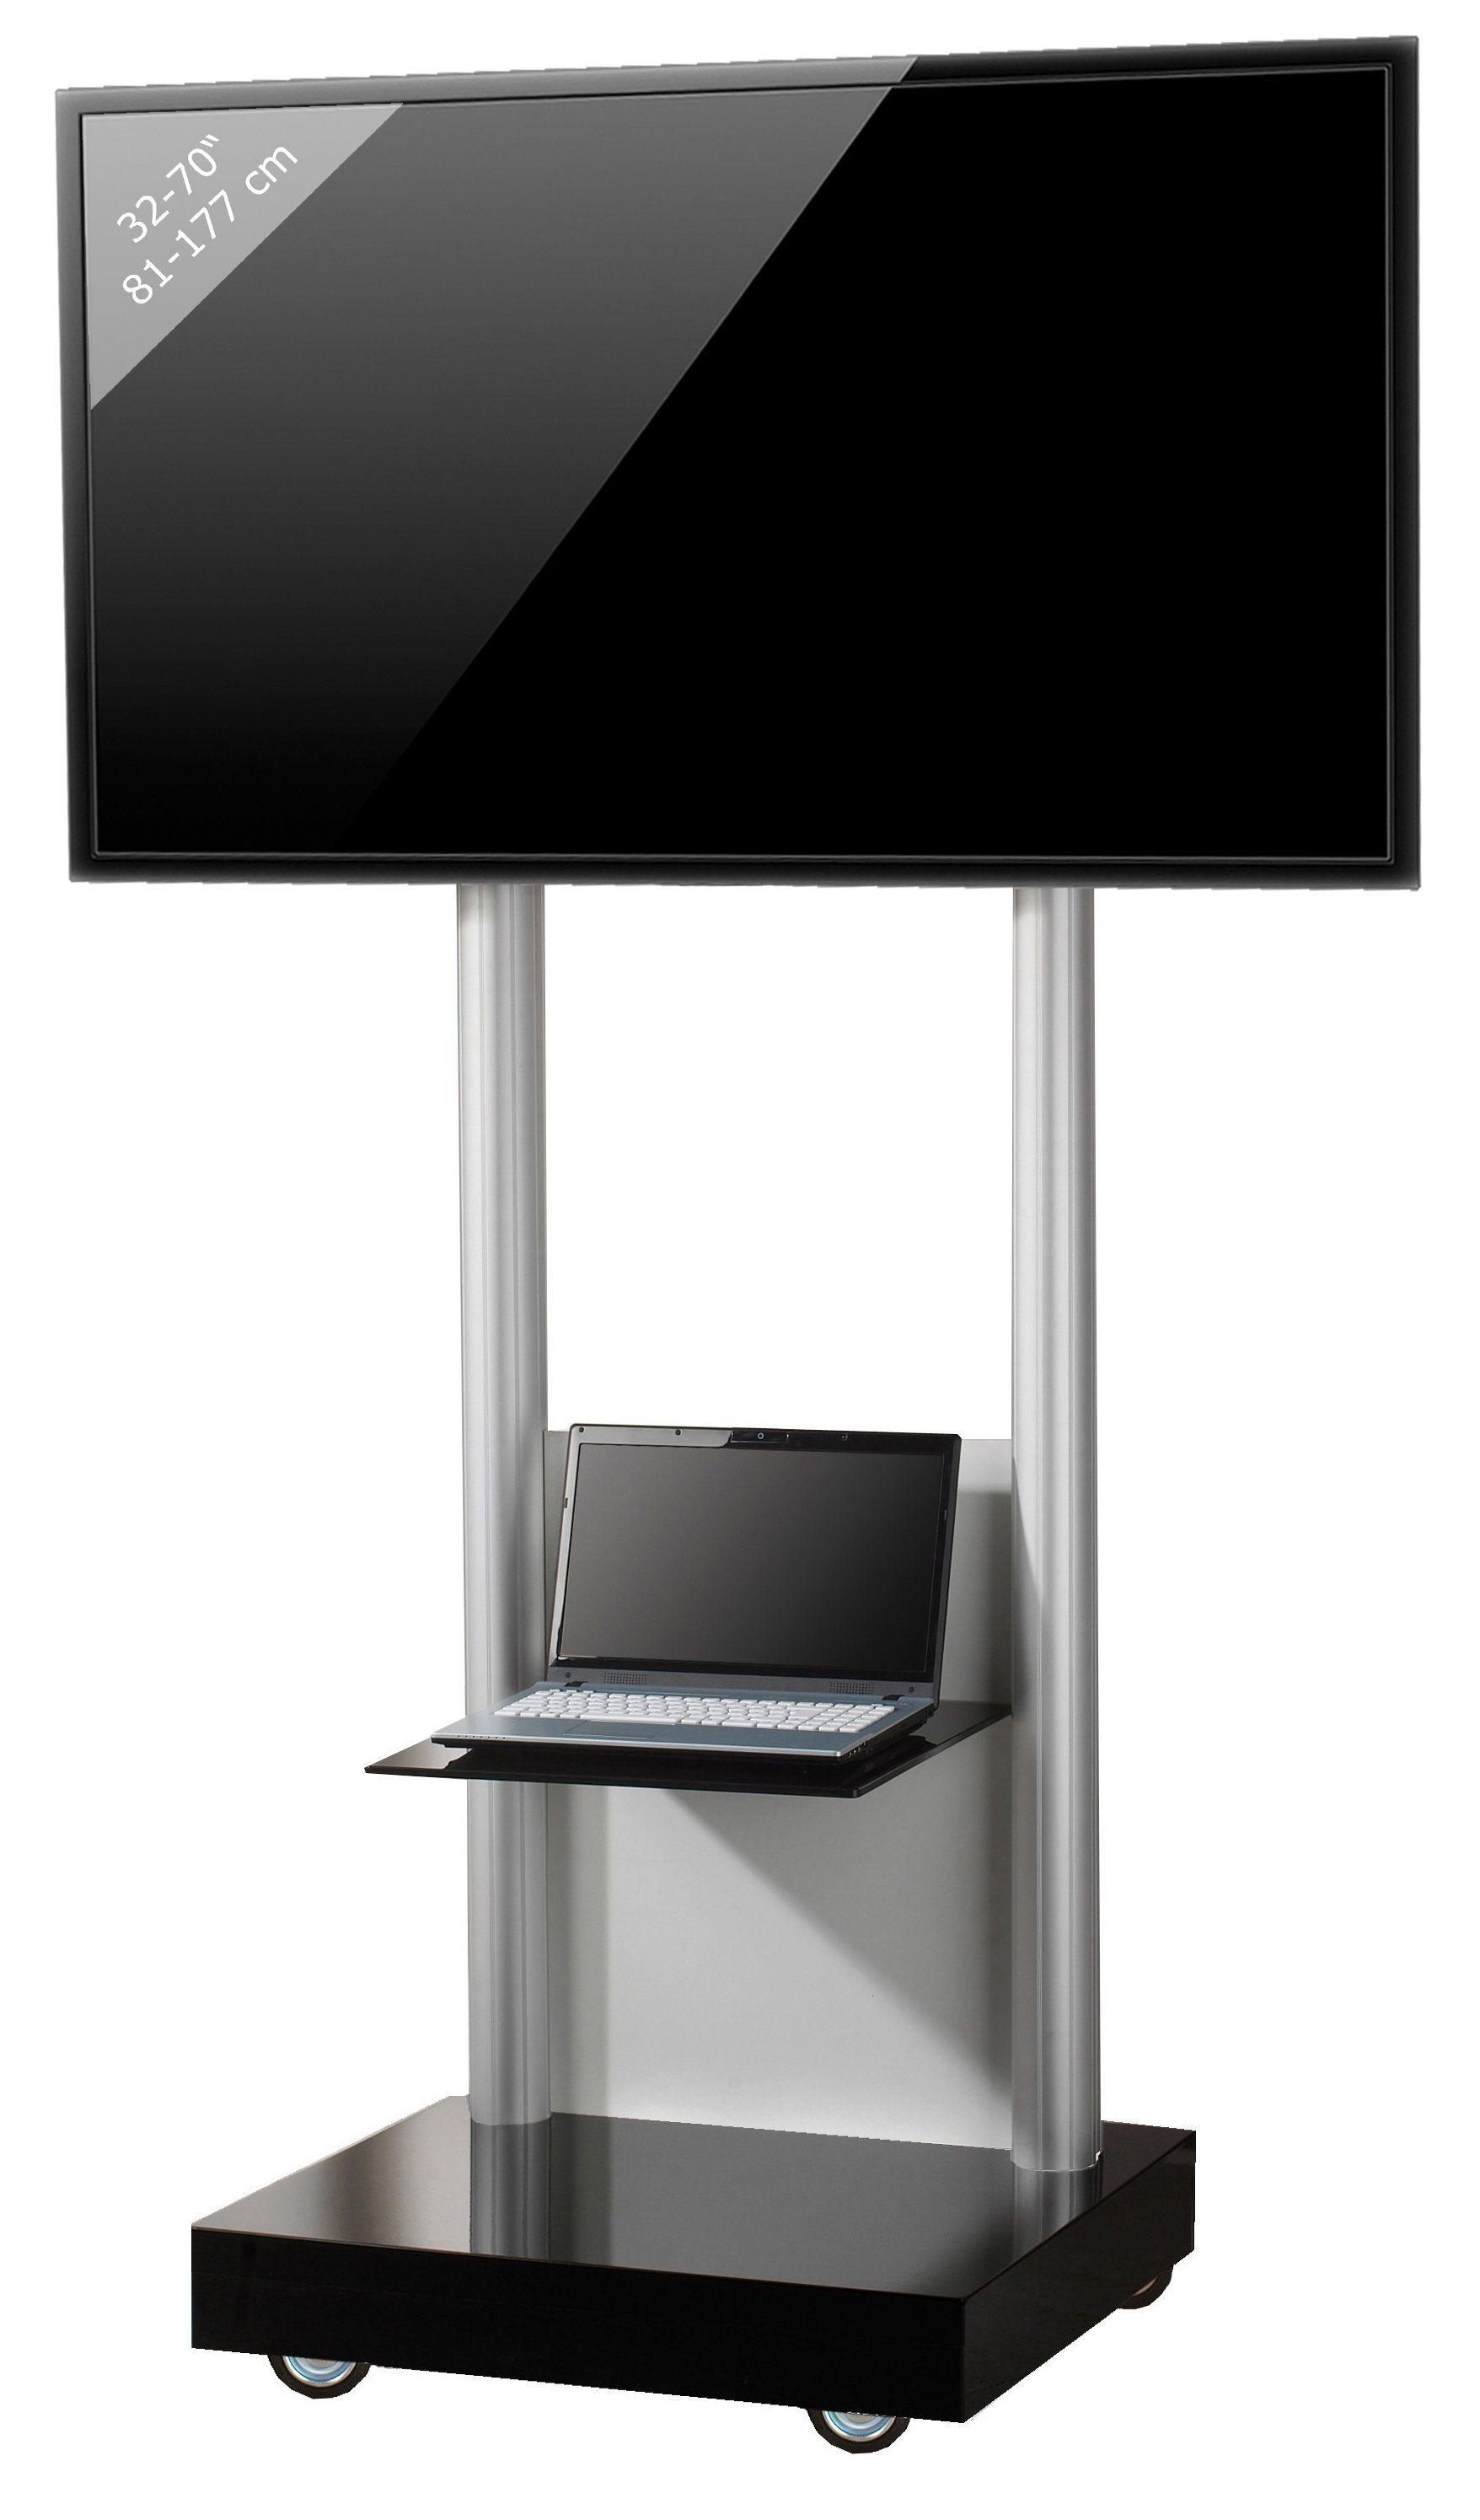 VCM TV-Standfuß ´´Monte Visolo 2´´ | Wohnzimmer > TV-HiFi-Möbel > Ständer & Standfüße | Melamin - Aluminium - Sicherheitsglas - Holzwerkstoff | VCM